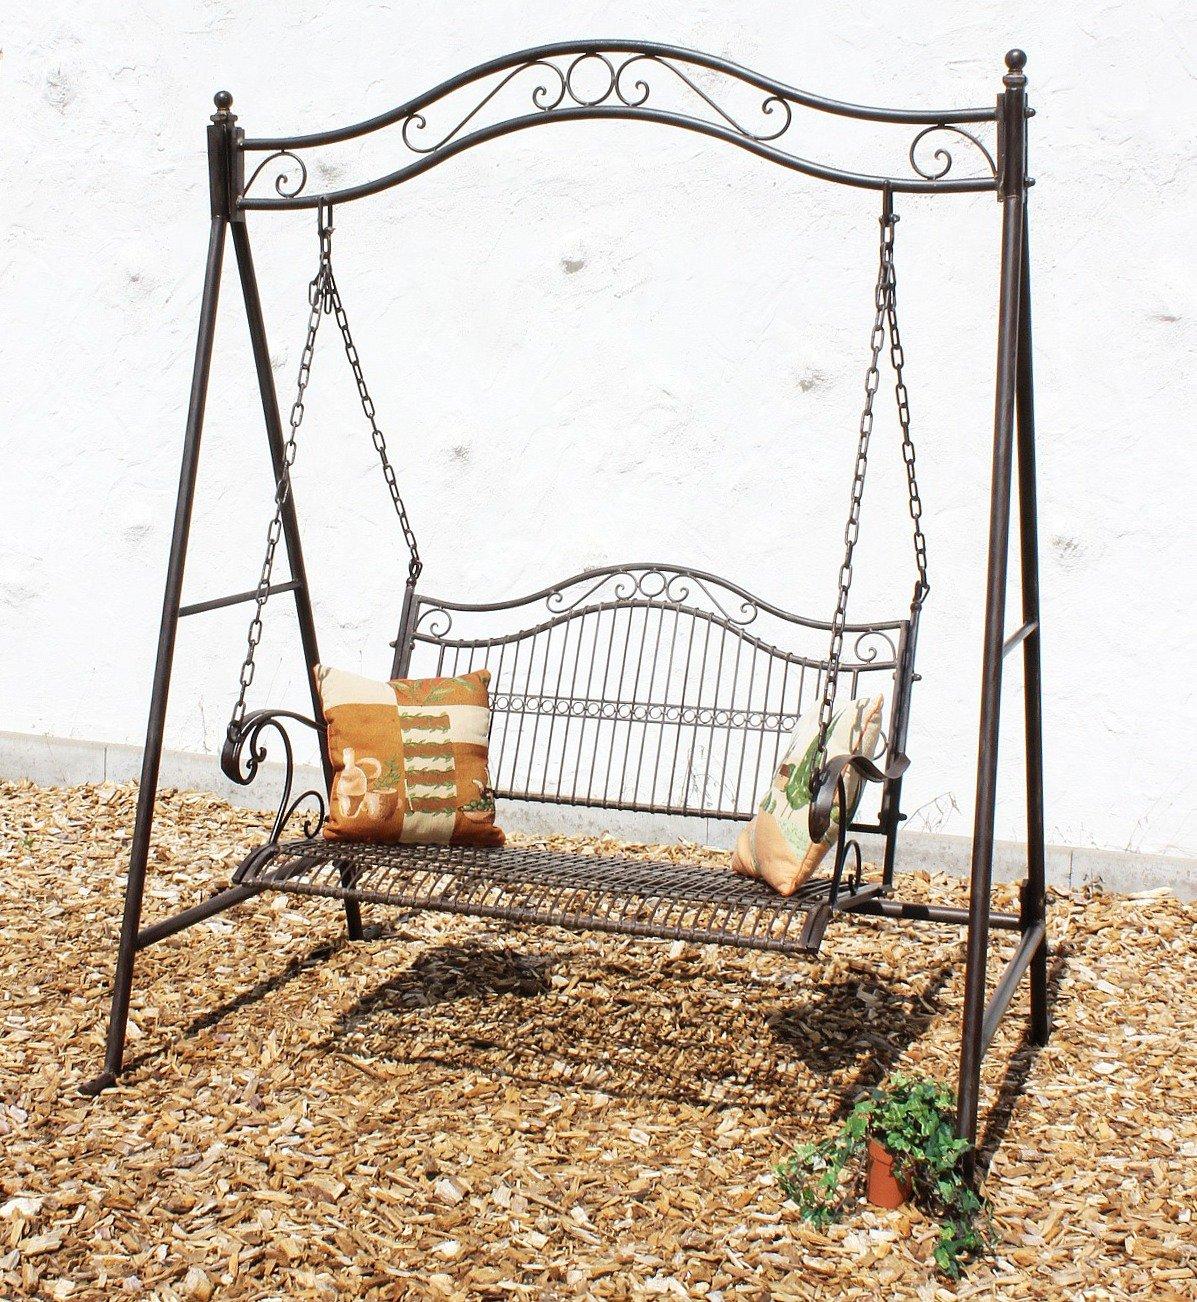 Schaukel 082505 Hollywoodschaukel aus Metall Schmiedeeisen Gartenschaukel online kaufen